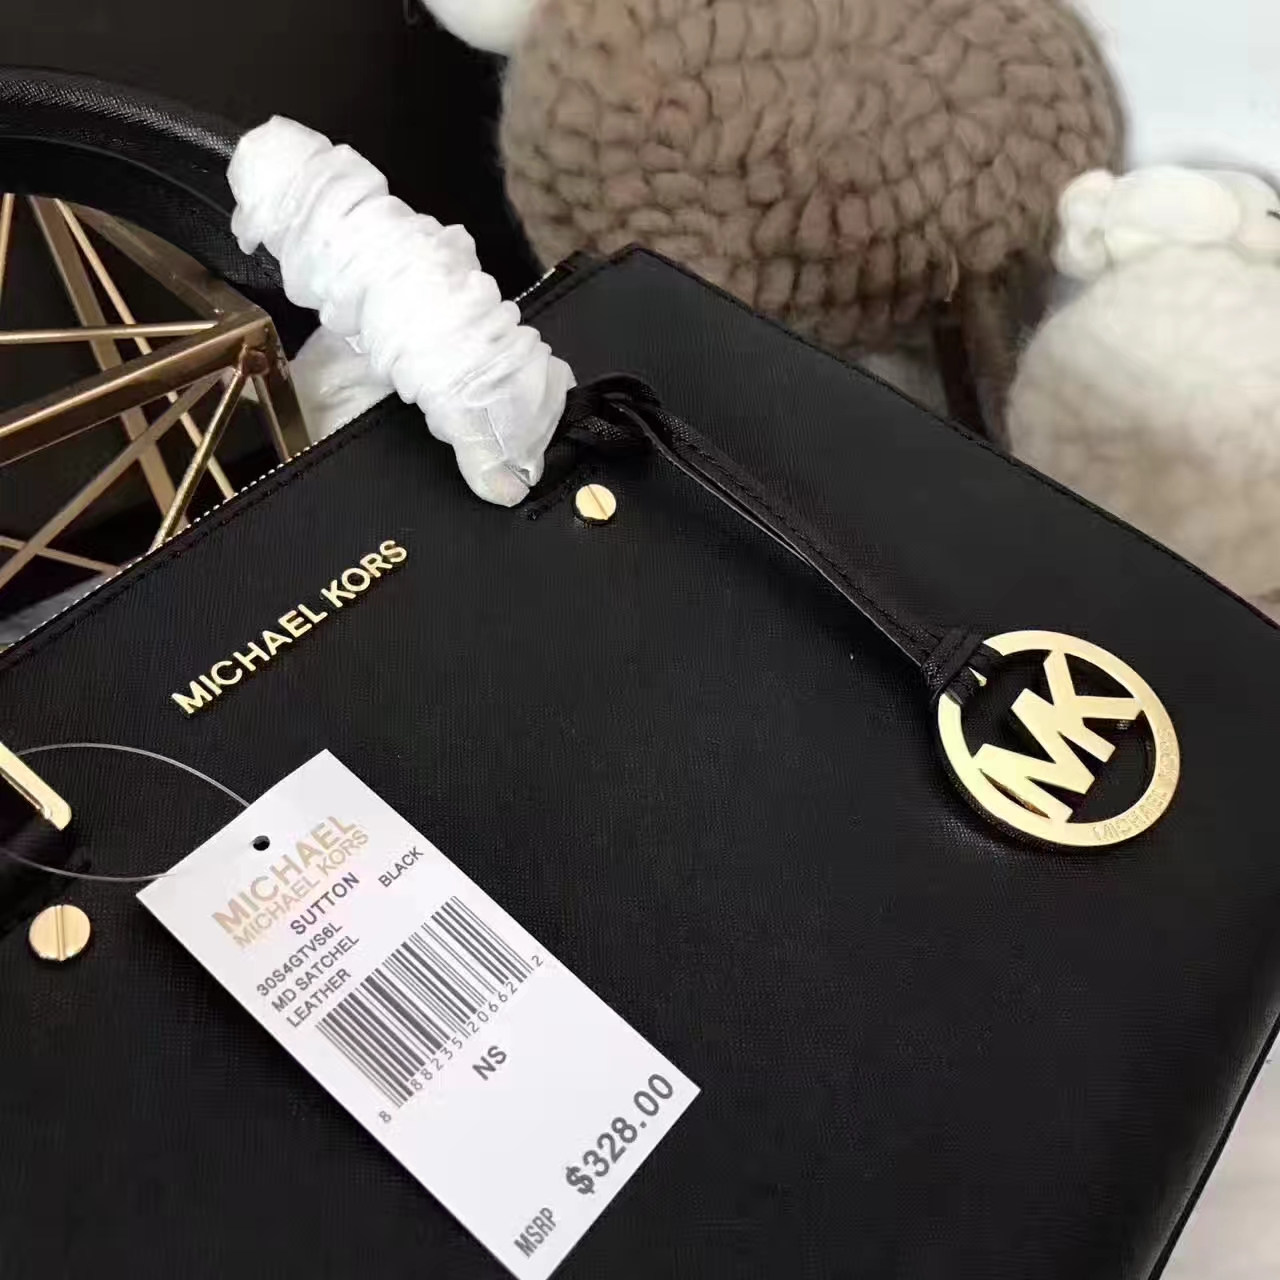 厂家直销 MK迈克科尔斯黑色原单十字纹牛皮双拉链中号杀手包32cm